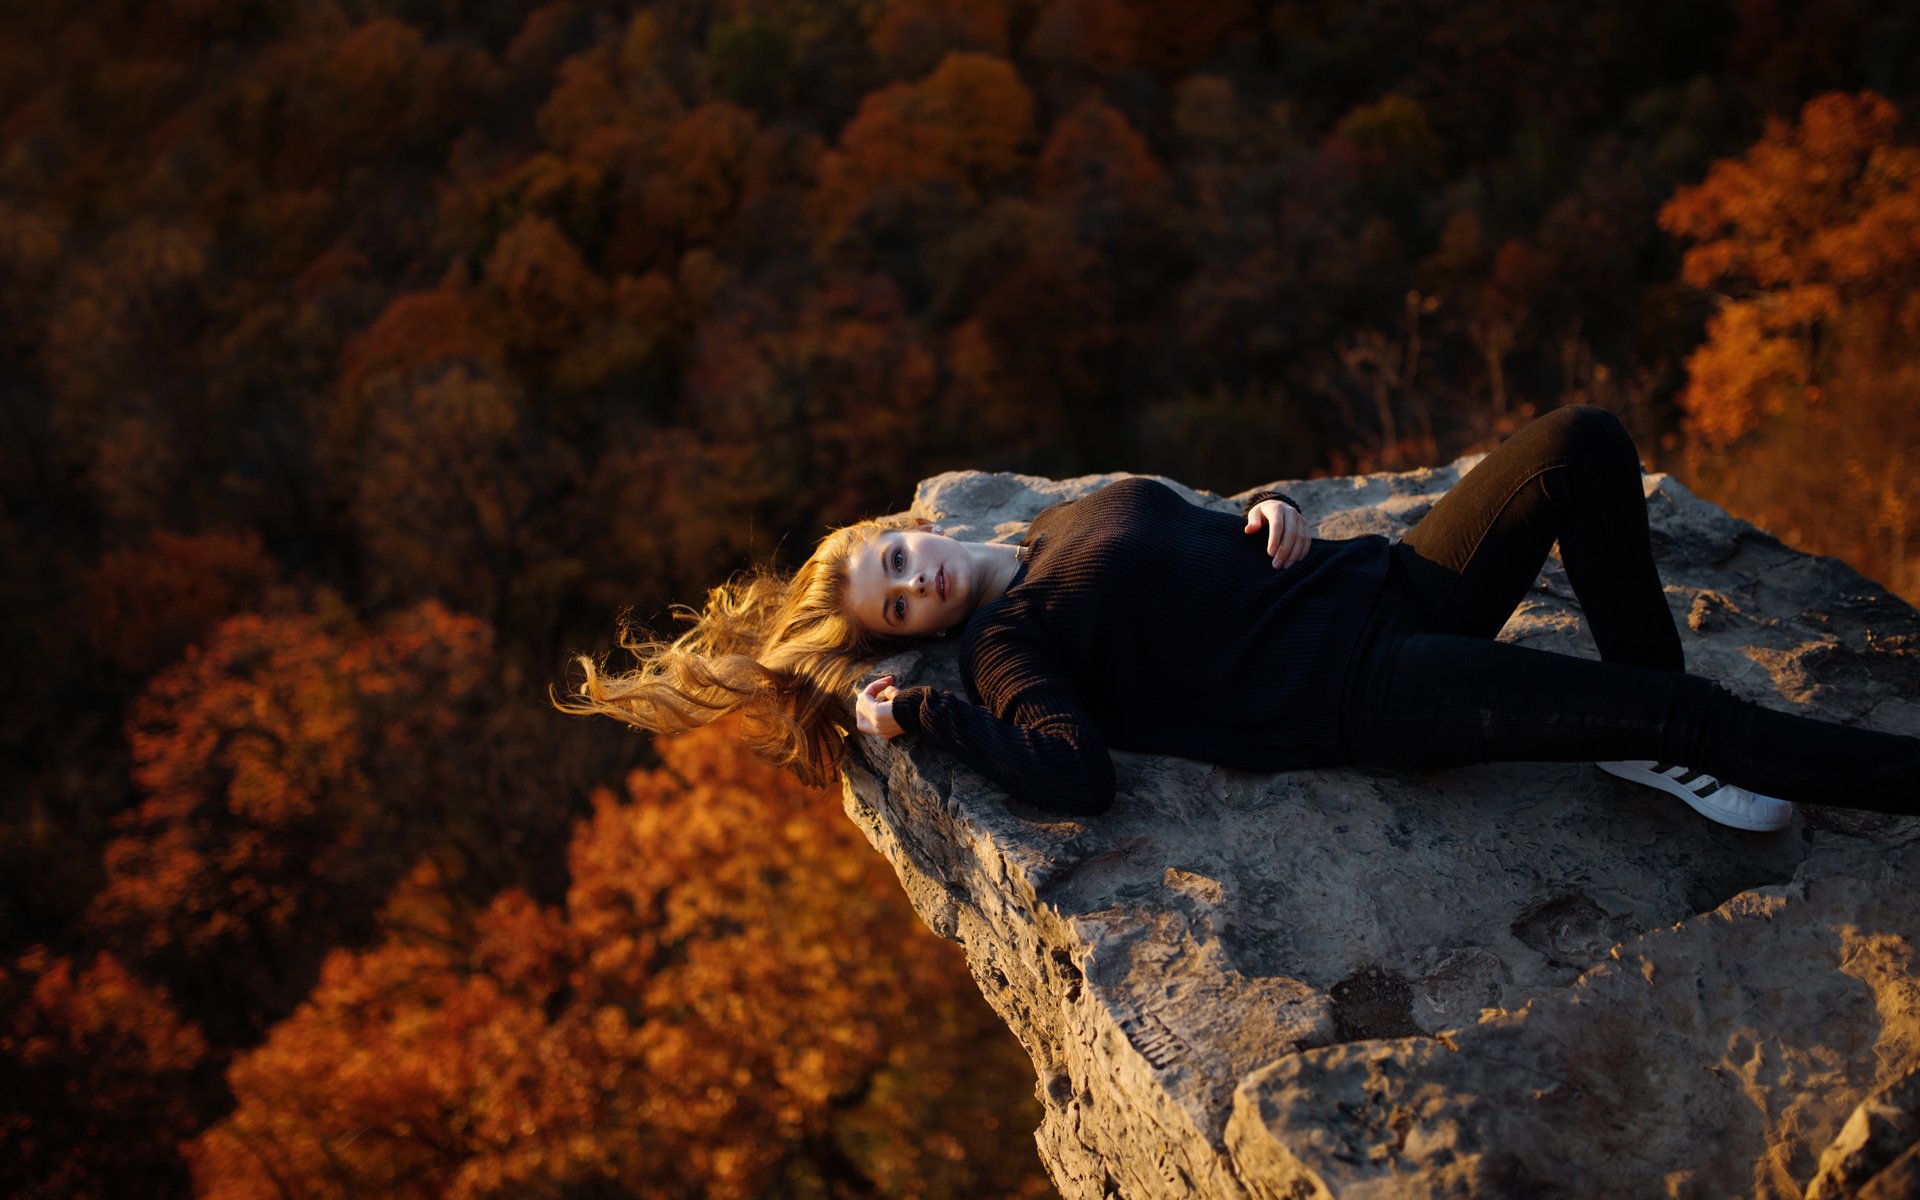 осень, скала, свитер, angelika jesse herzog, девушка, модель,позирует,рискованно,скала,деревья,высота,блондинка,глаза,грудь,спортивный,костюм